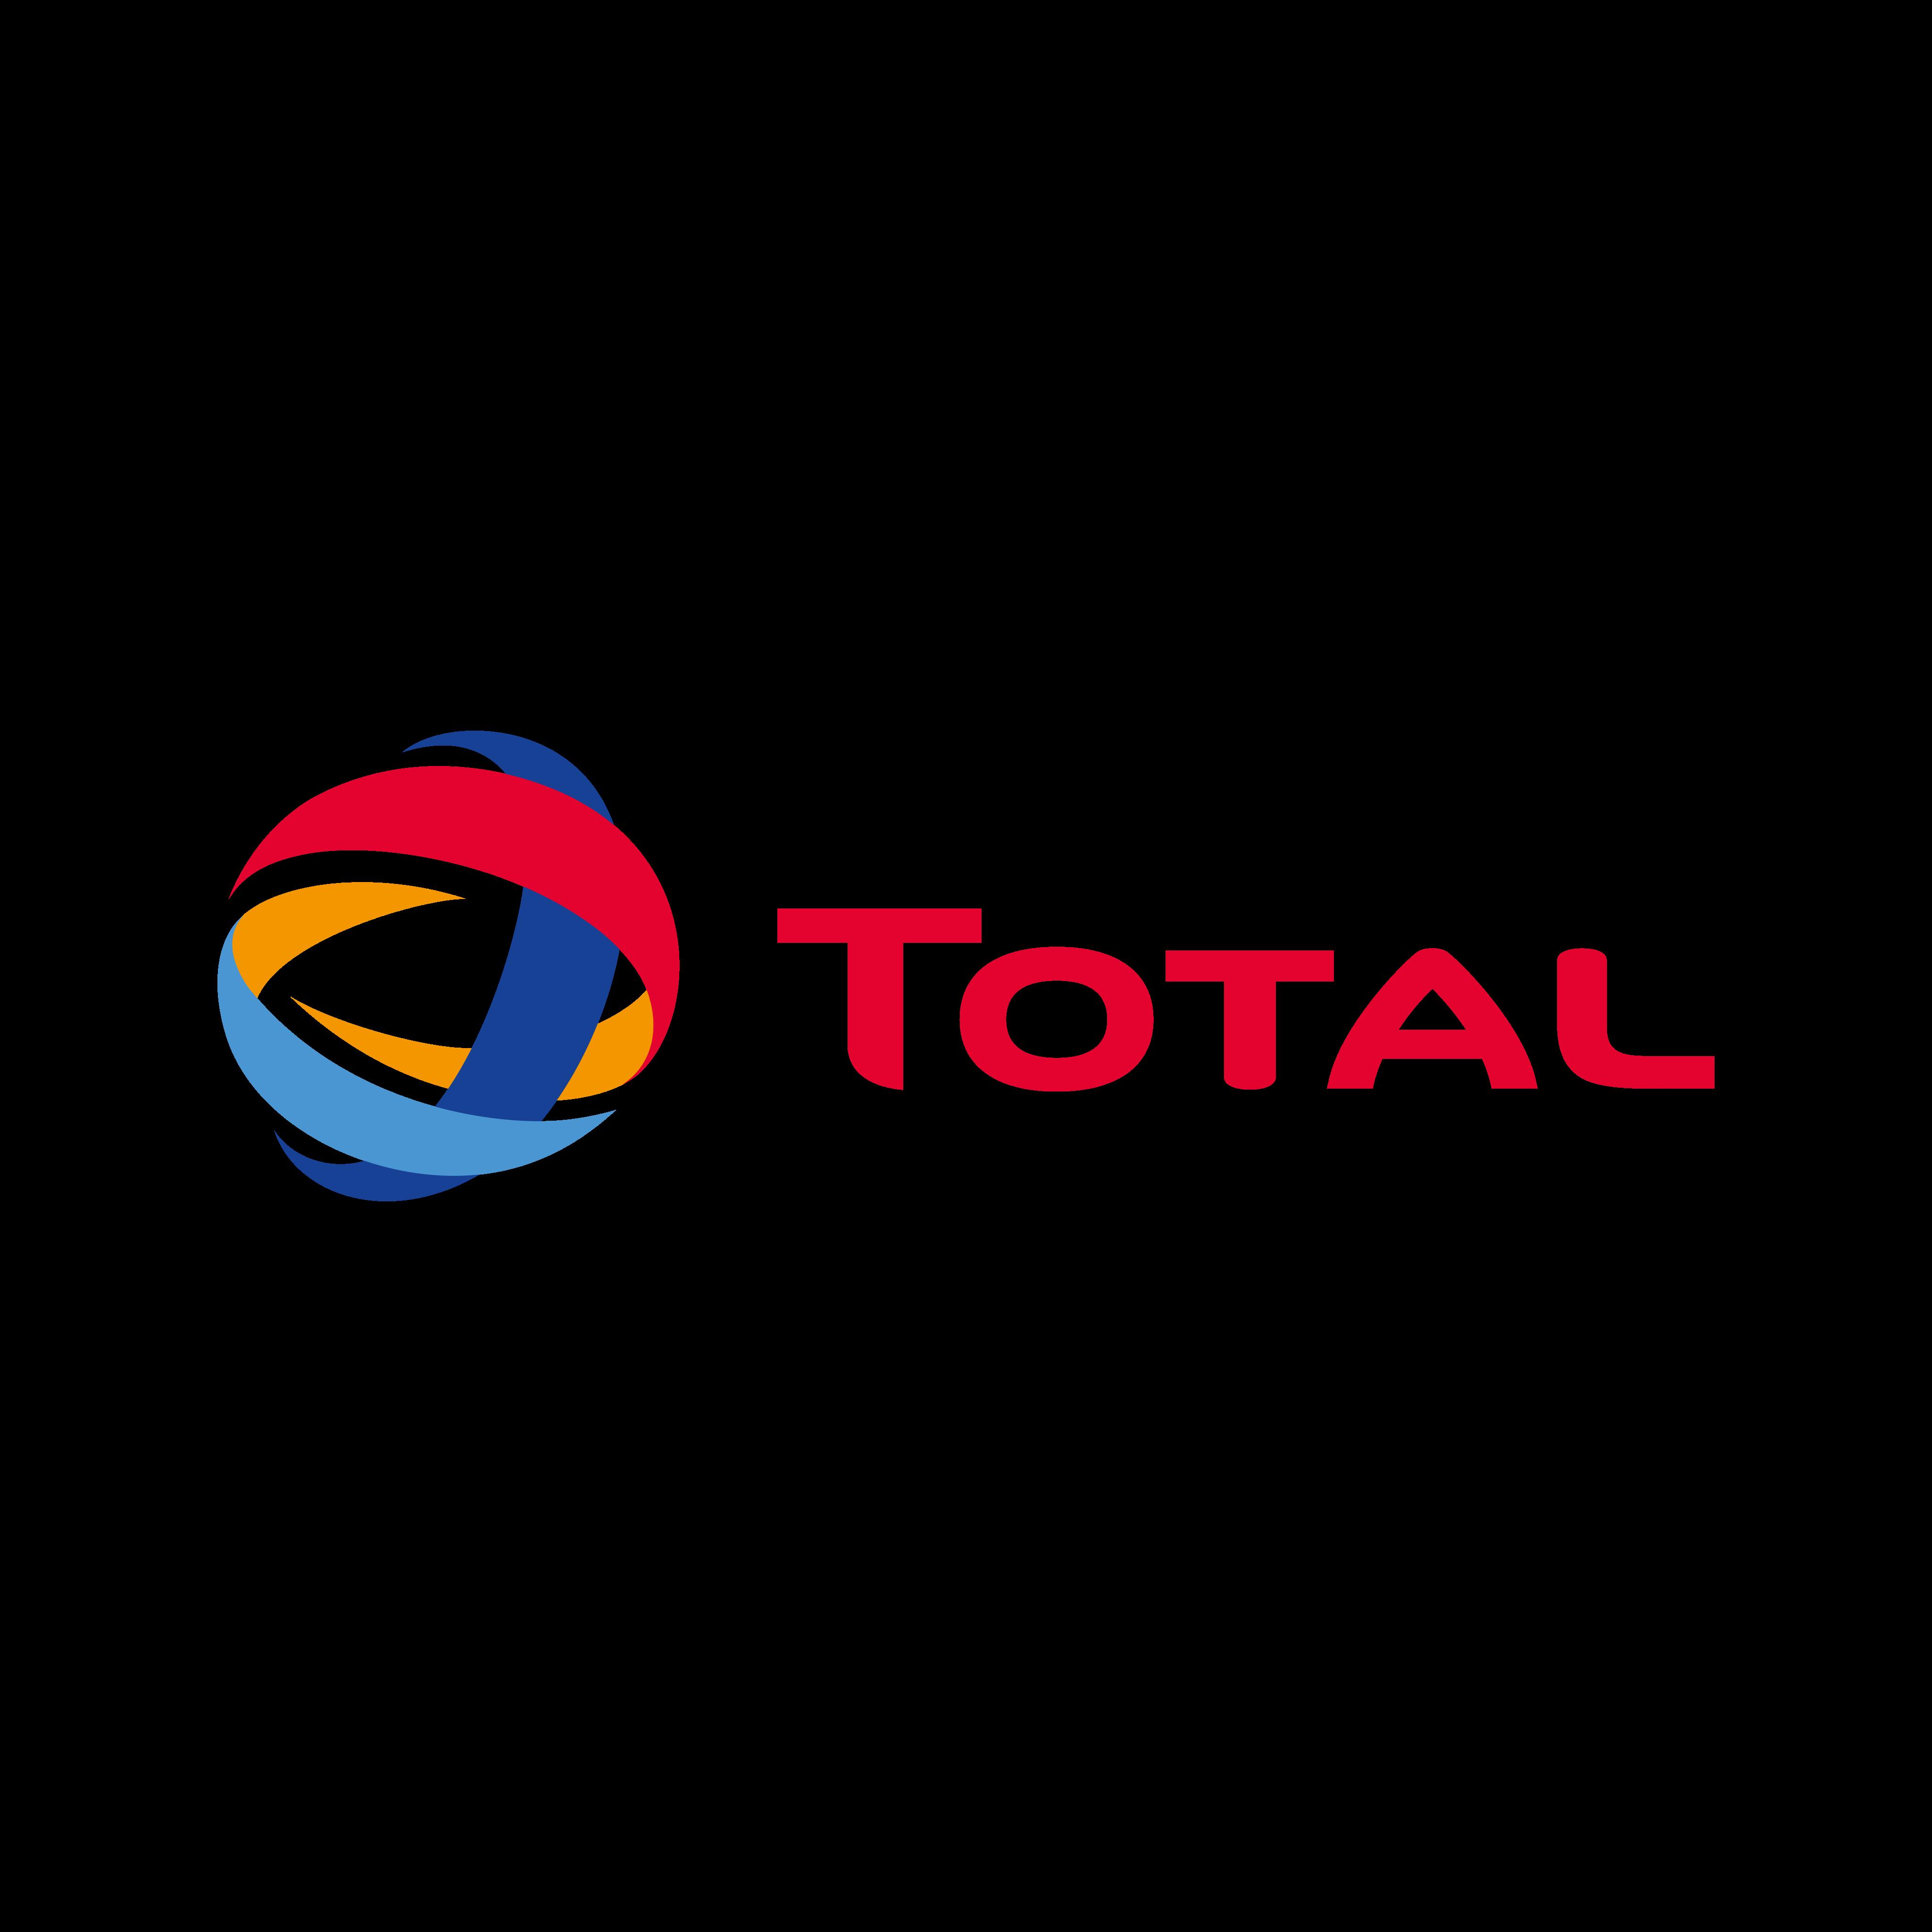 total logo 0 - Total Logo (Energia)